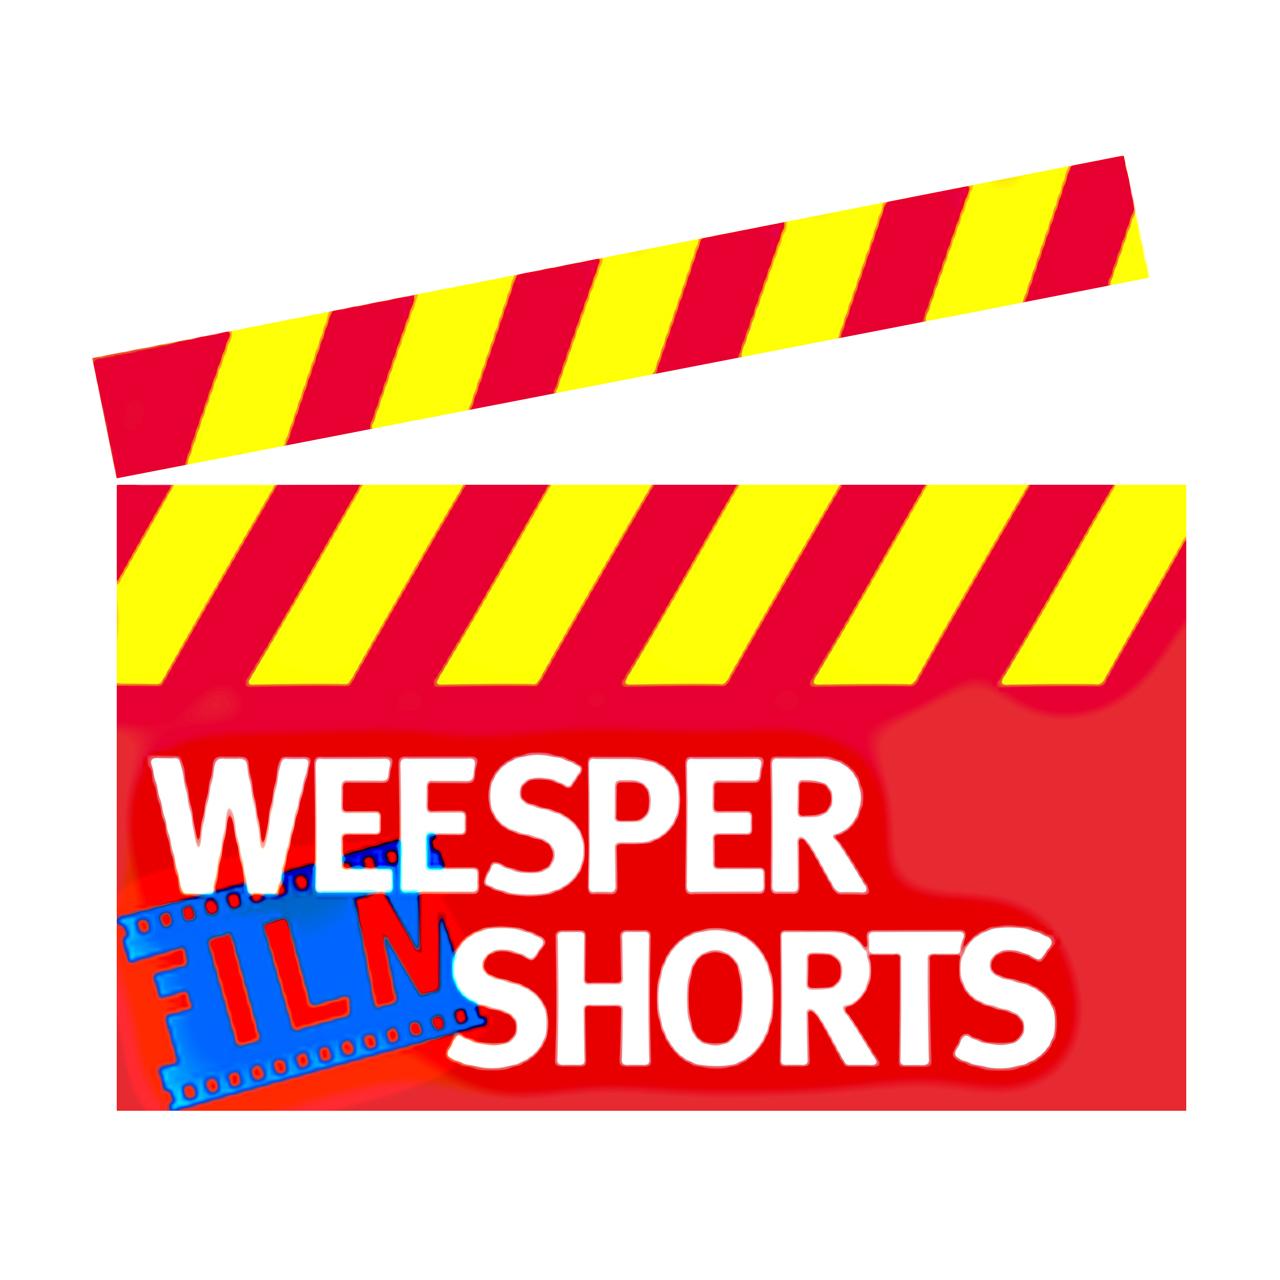 Weespershorts logo